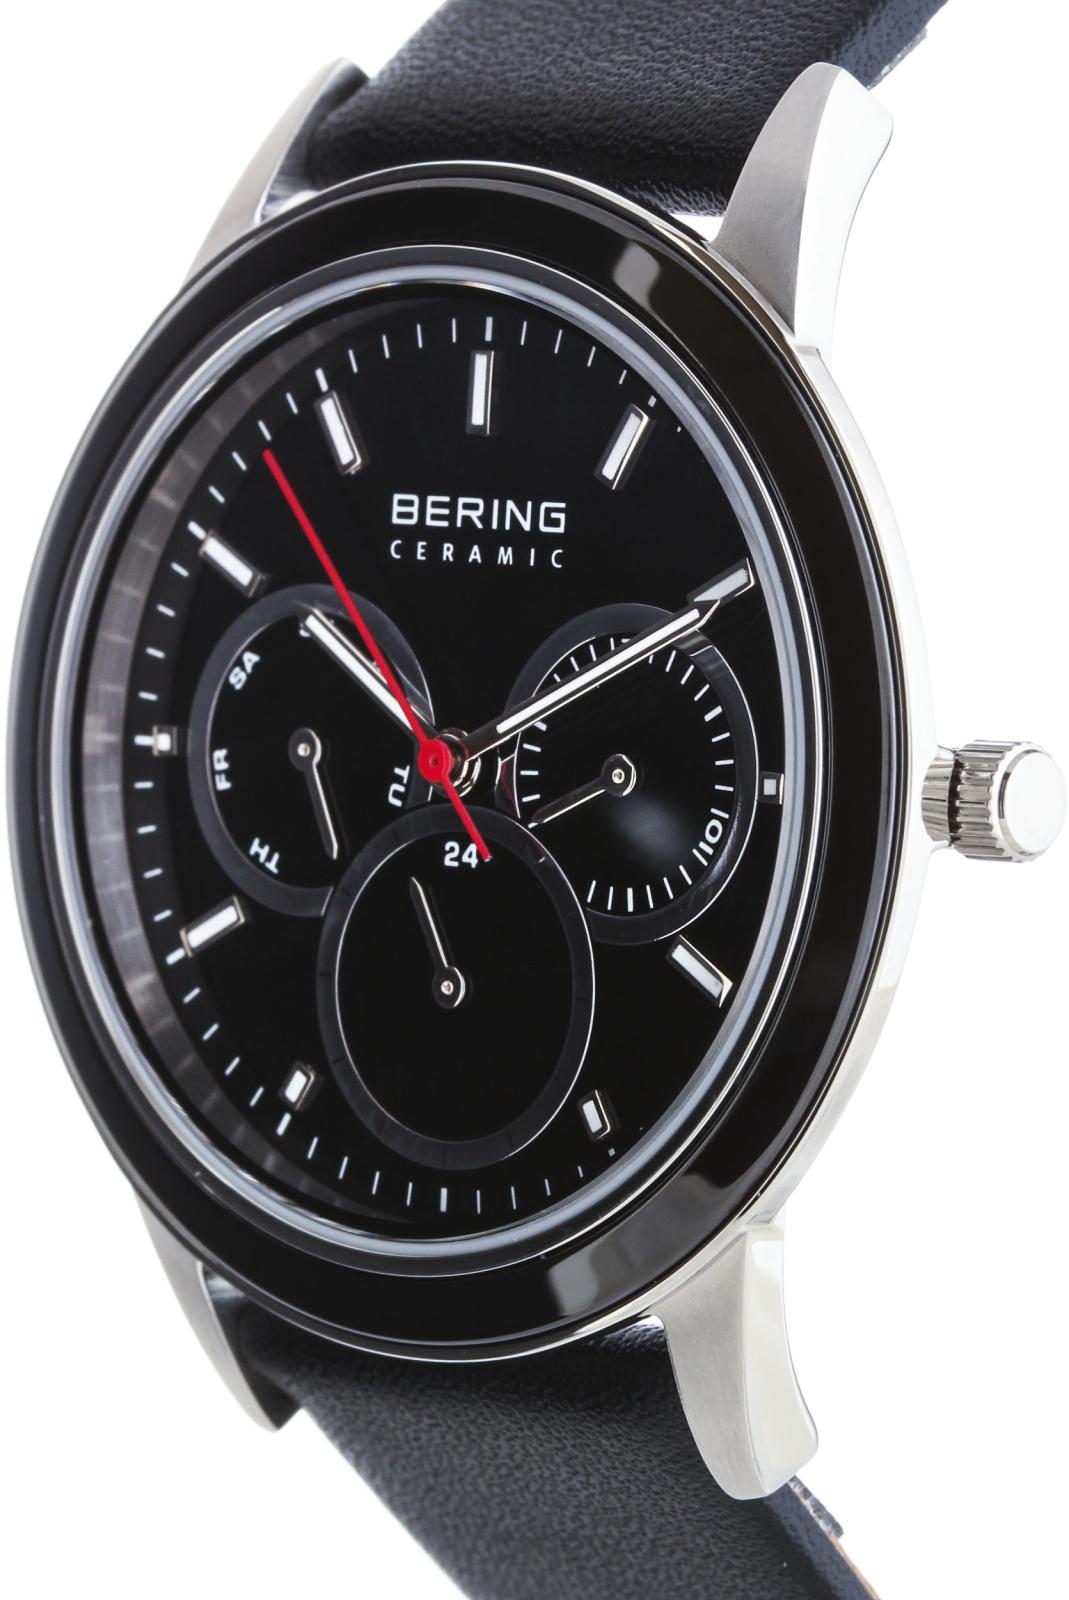 Bering Ceramic 33840-442Наручные часы<br>Датские часы Bering Ceramic 33840-442<br><br>Пол: Мужские<br>Страна-производитель: Дания<br>Механизм: Кварцевый<br>Материал корпуса: Сталь+керамика<br>Материал ремня/браслета: Кожа<br>Водозащита, диапазон: 20 - 100 м<br>Стекло: Минеральное<br>Толщина корпуса: None<br>Стиль: Классика